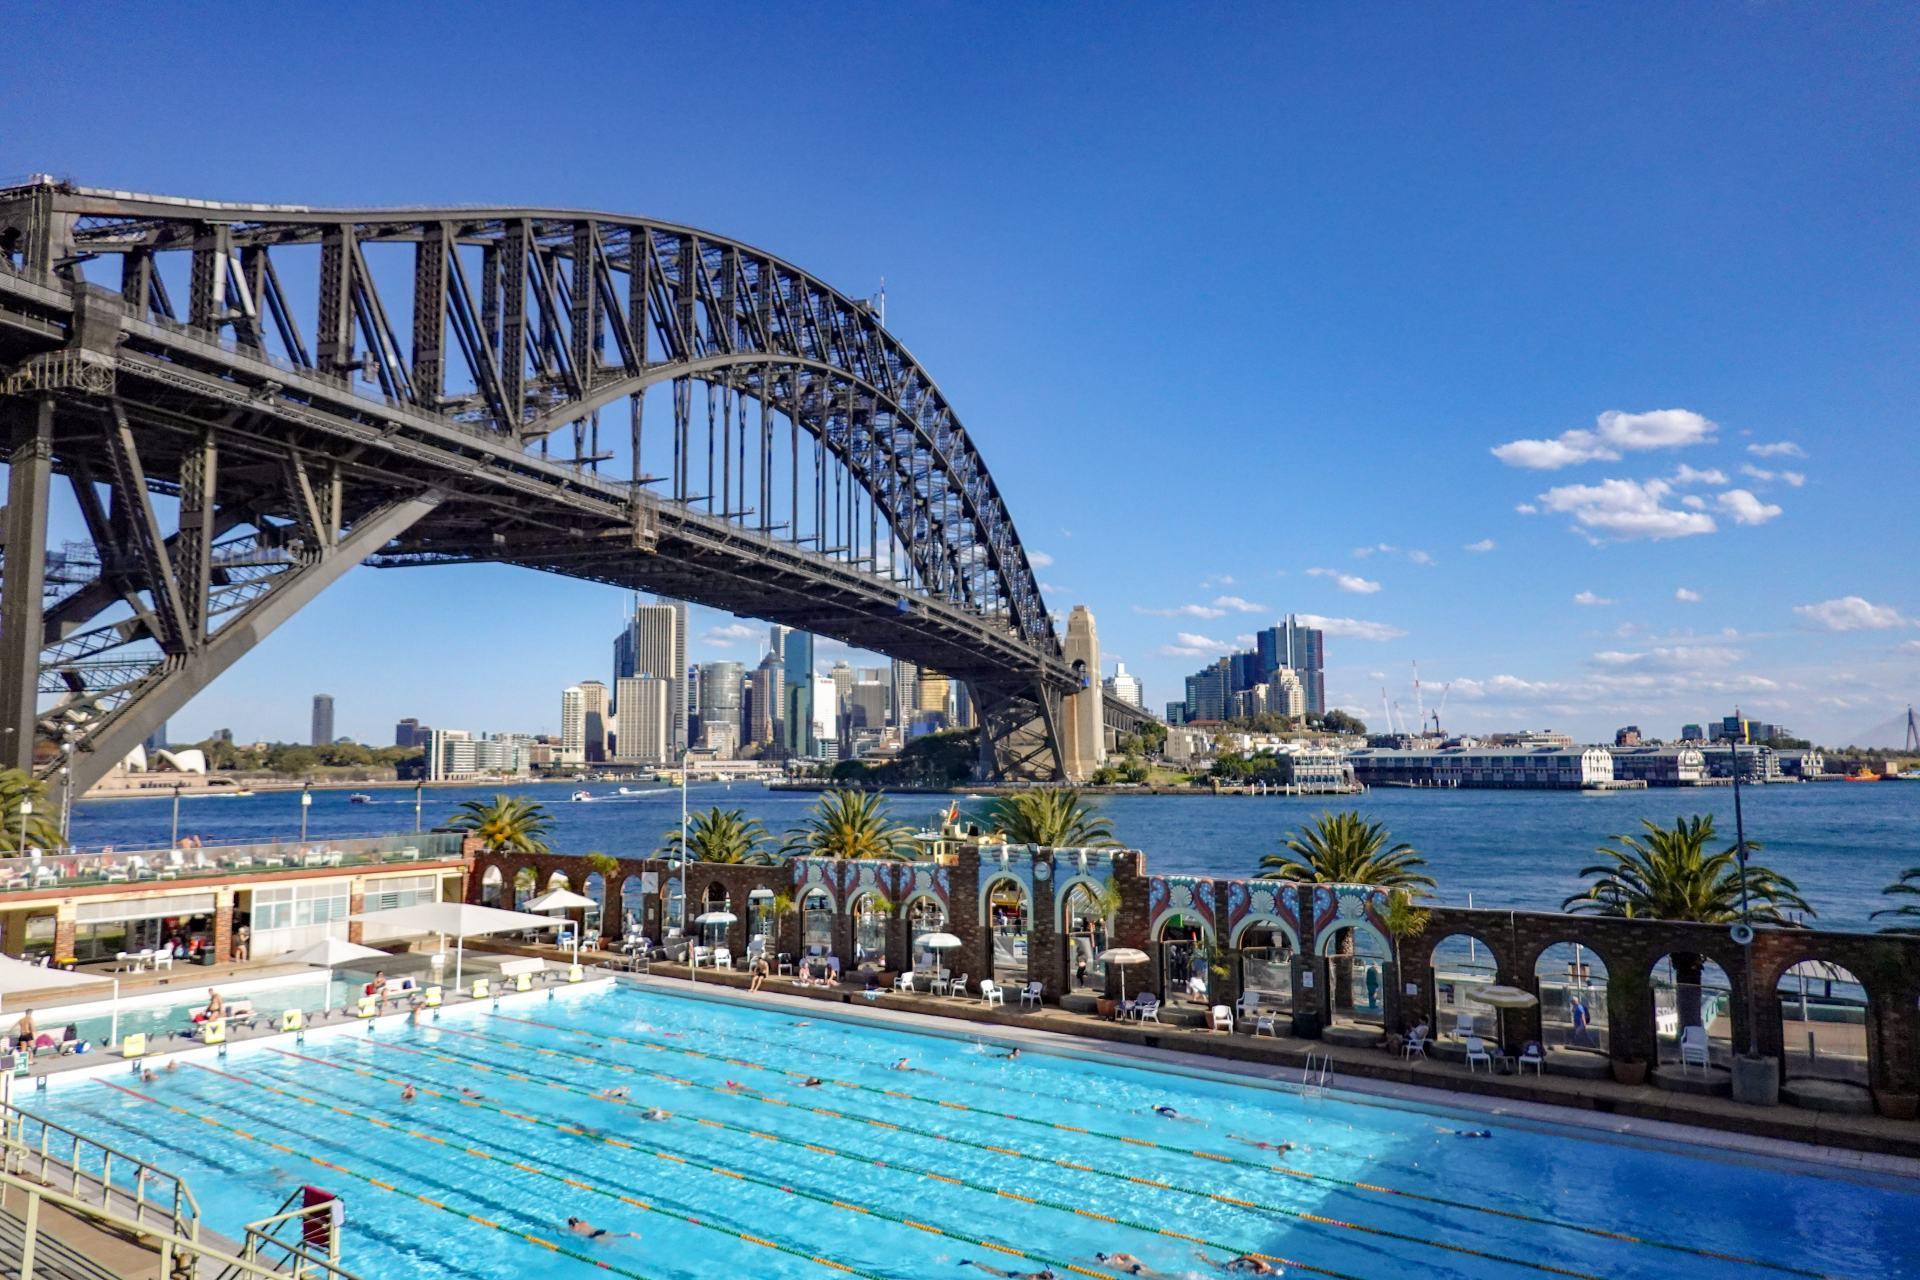 sydney olympic pool